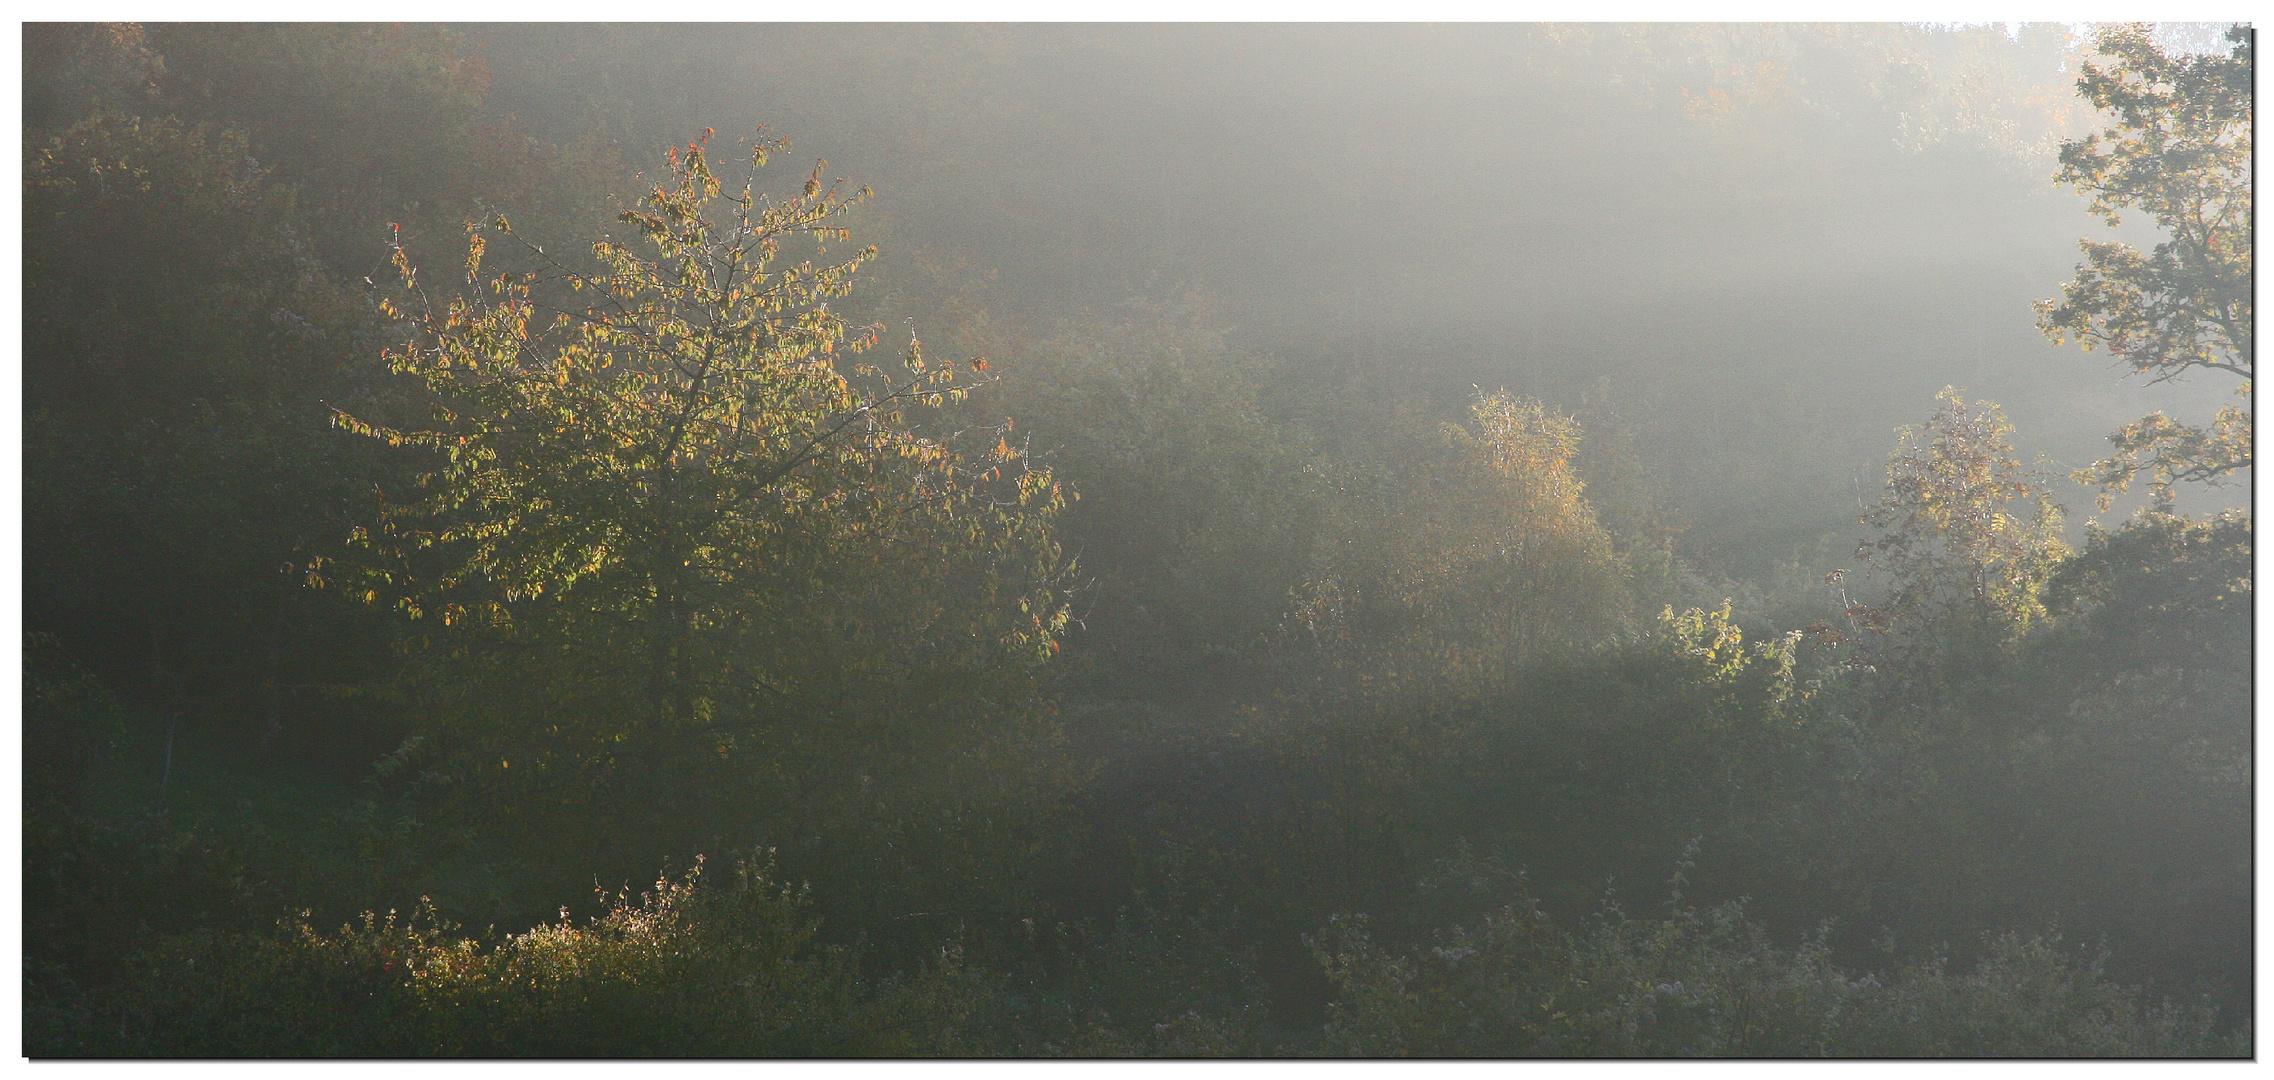 Der erste Morgenstrahl...